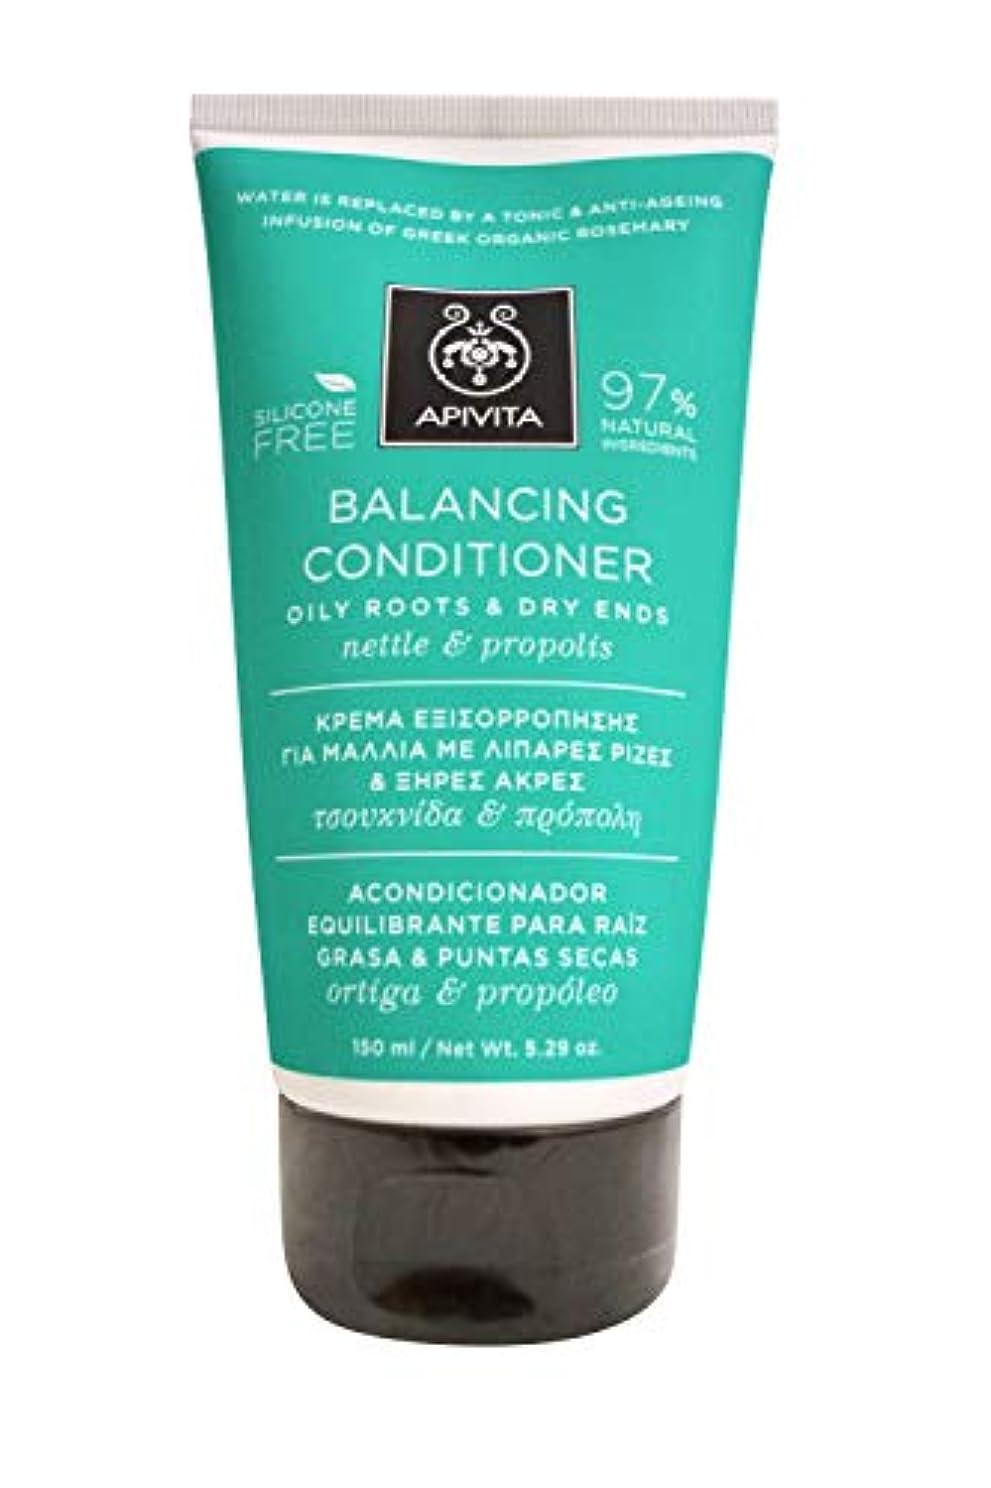 楽観的種類厚くするアピヴィータ Balancing Conditioner with Nettle & Propolis (Oily Roots & Dry Ends) 150ml [並行輸入品]